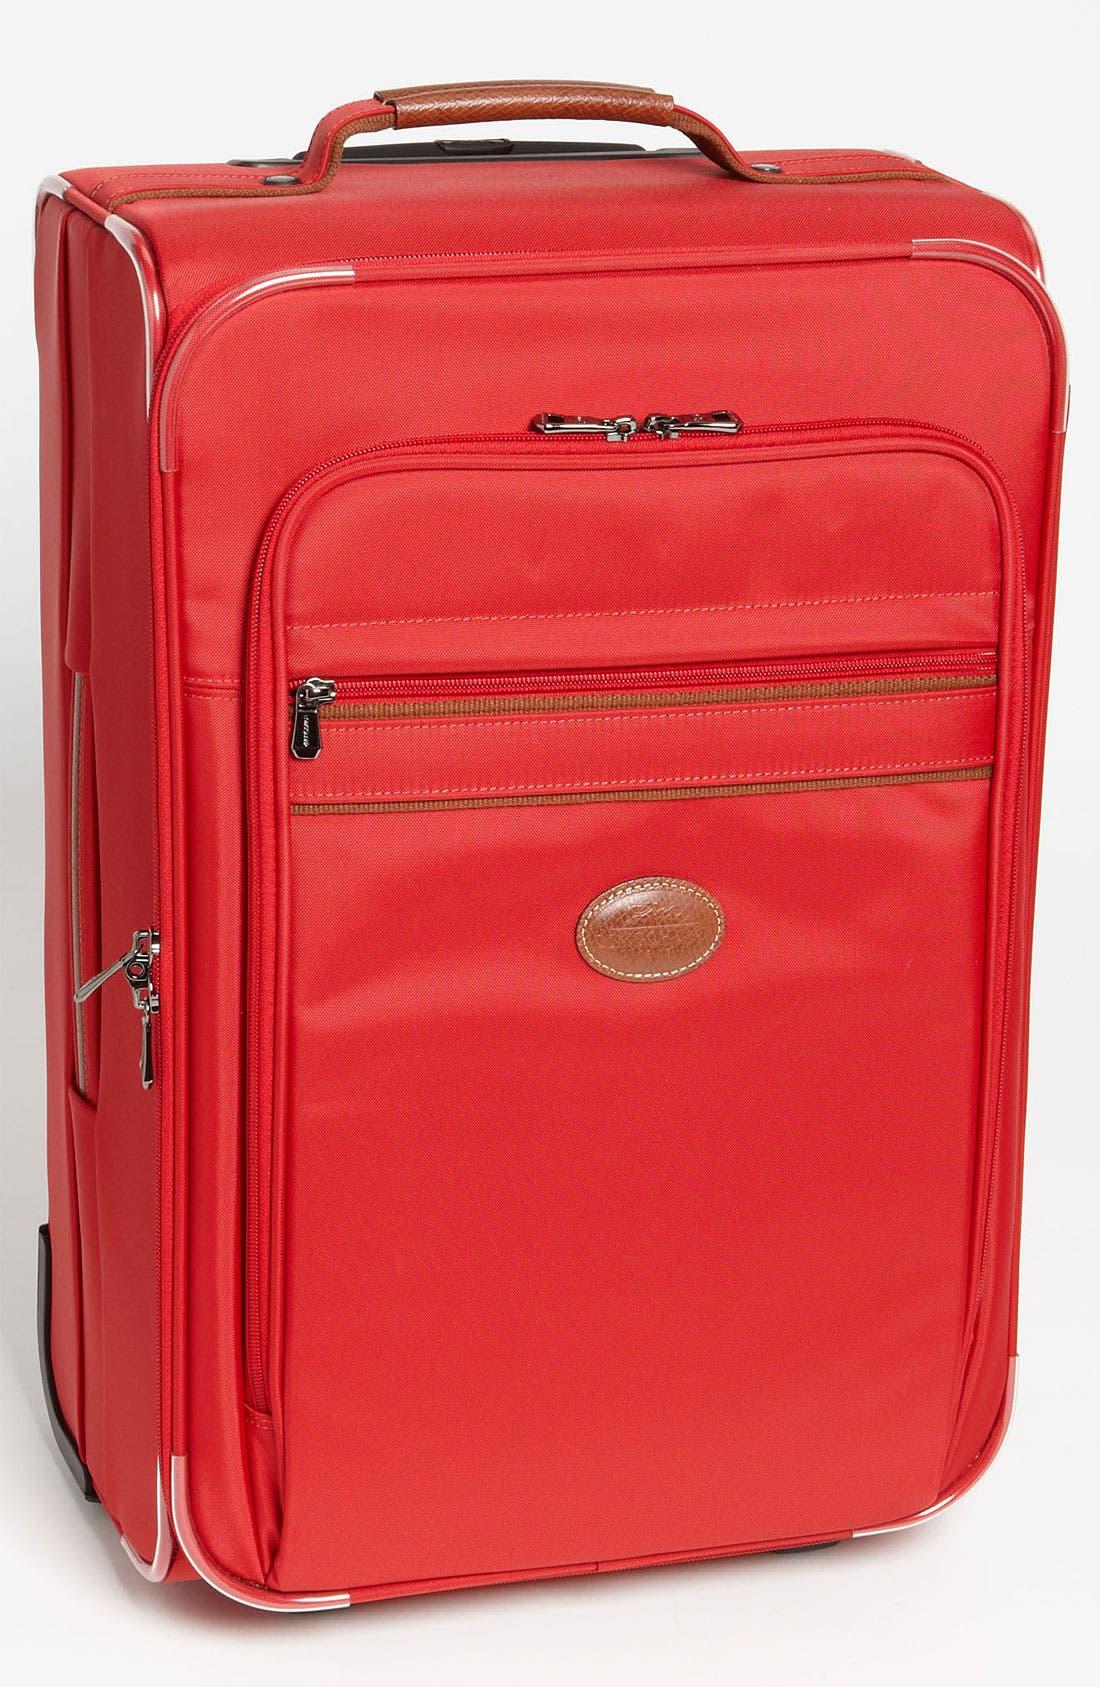 Alternate Image 1 Selected - Longchamp 'Le Pliage' Wheeled Carry-On Suitcase